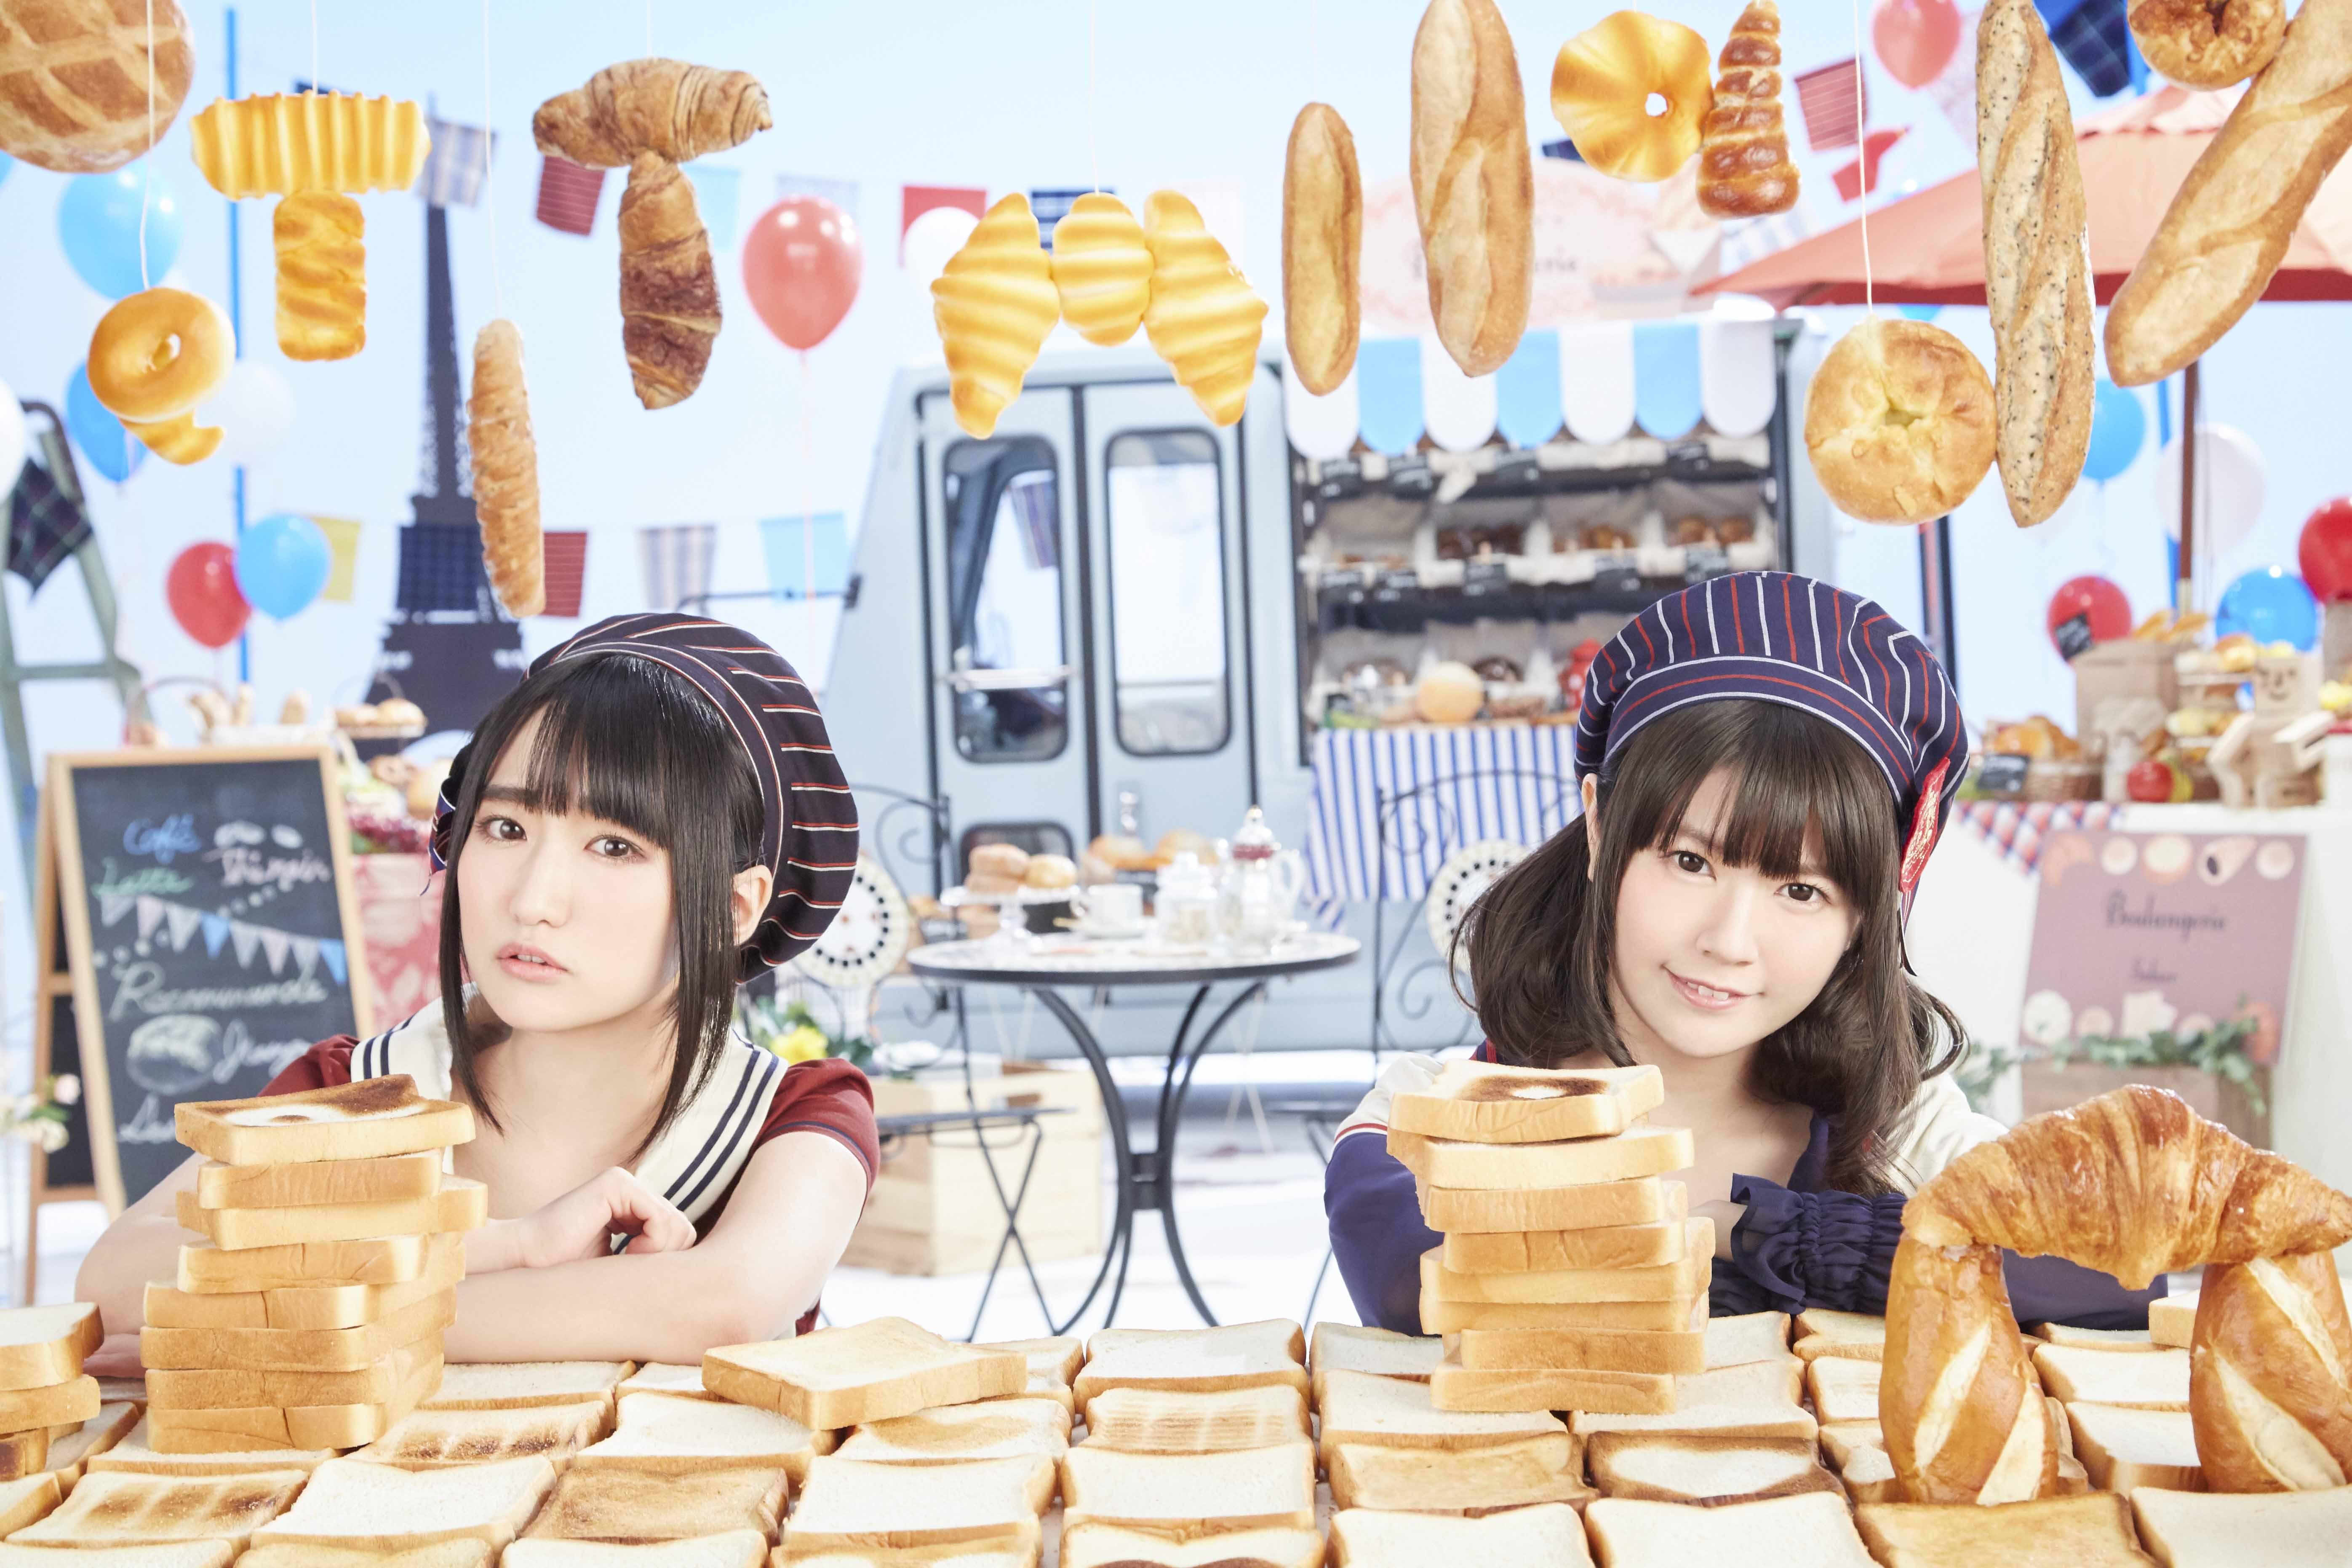 petit milady ニューシングル『青春は食べ物です』 発売記念イベント